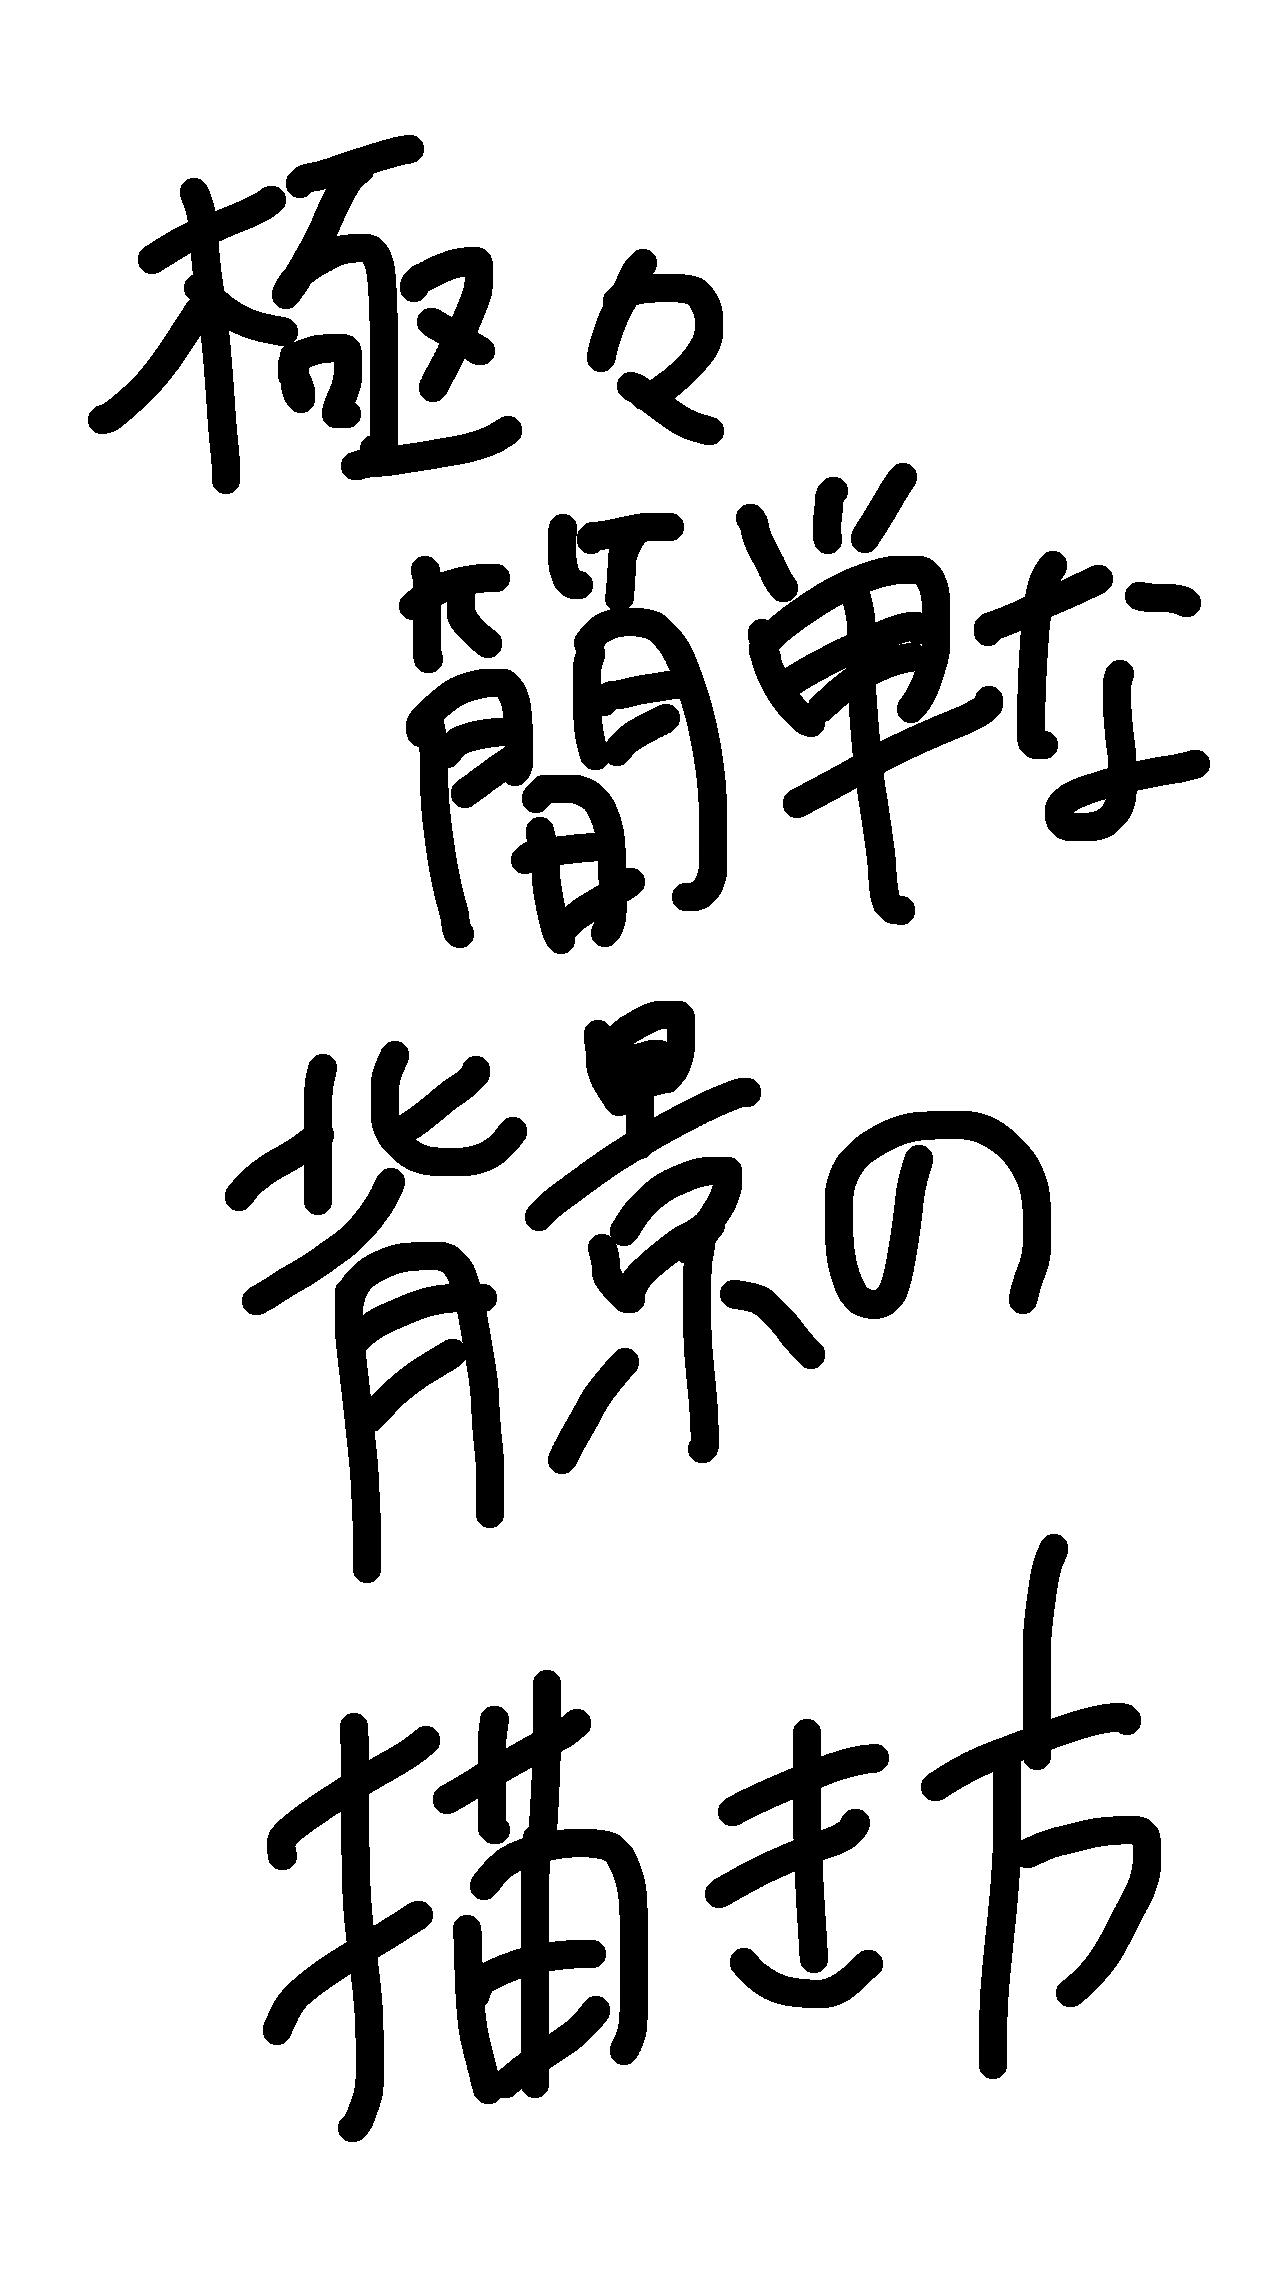 極々簡単な背景の描き方 - ibispaint